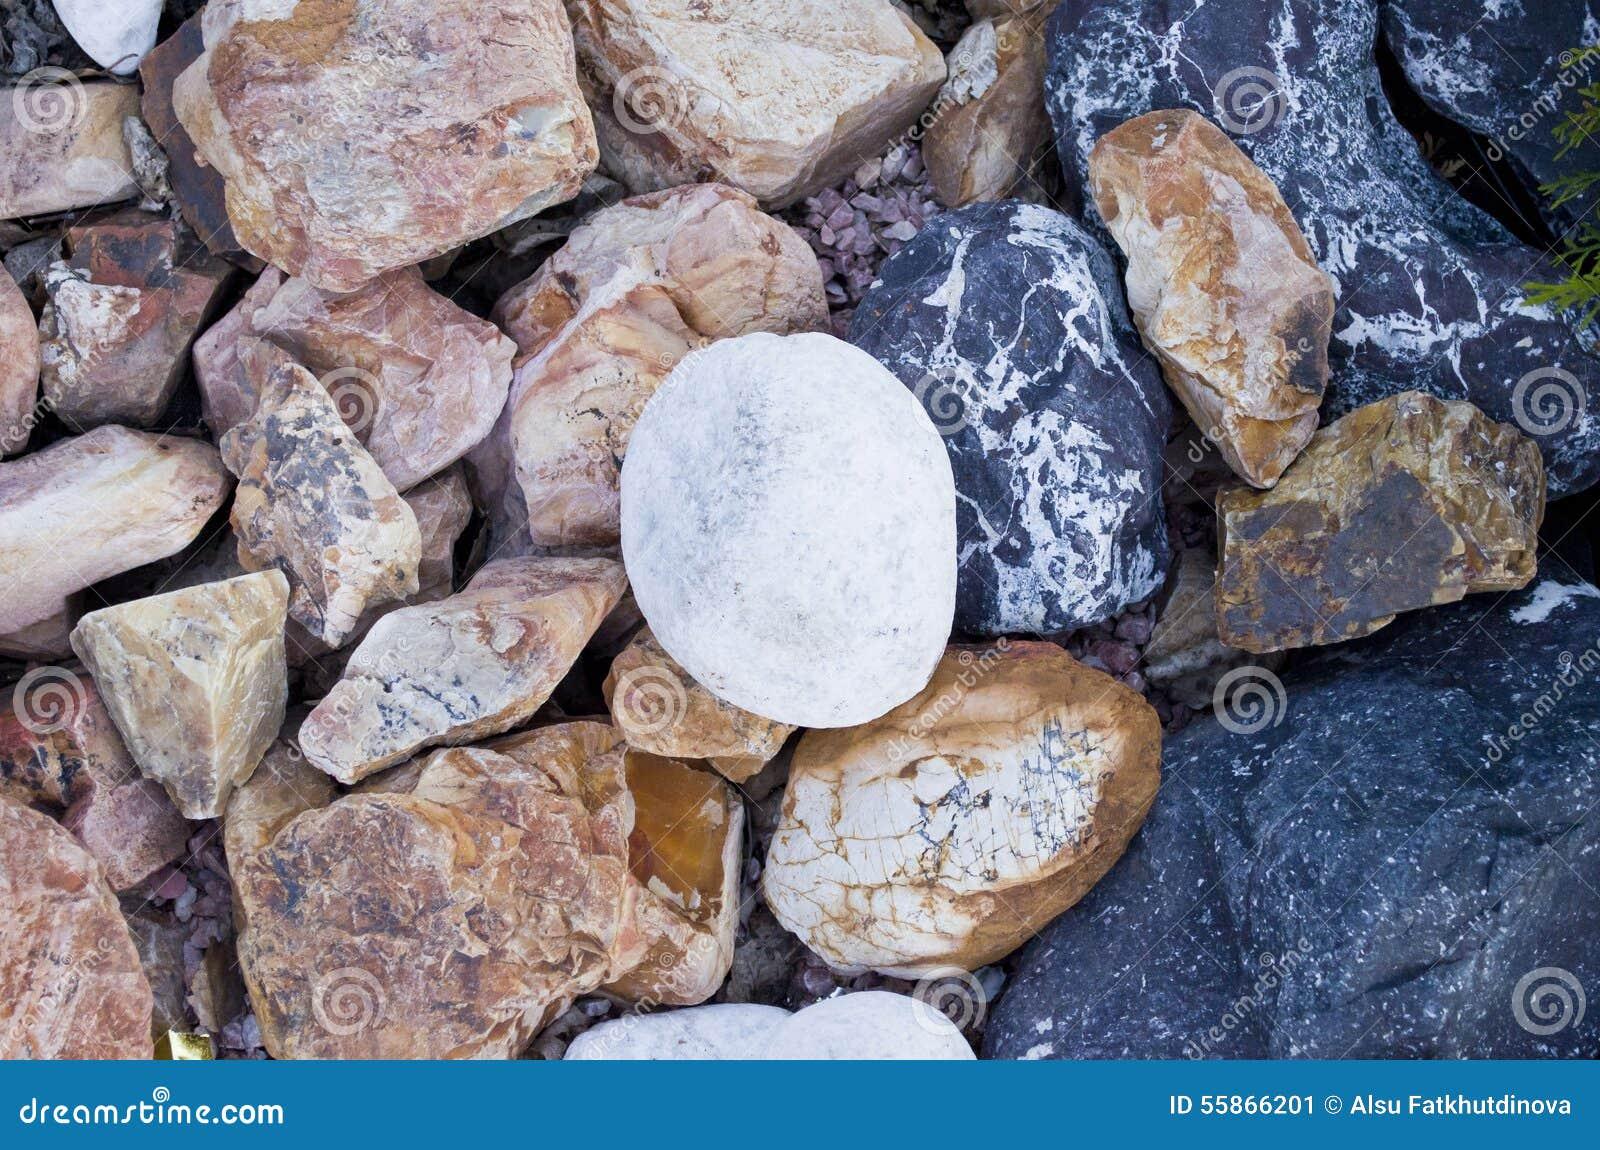 Large Decorative Stone : Large decorative rocks and stones stock image